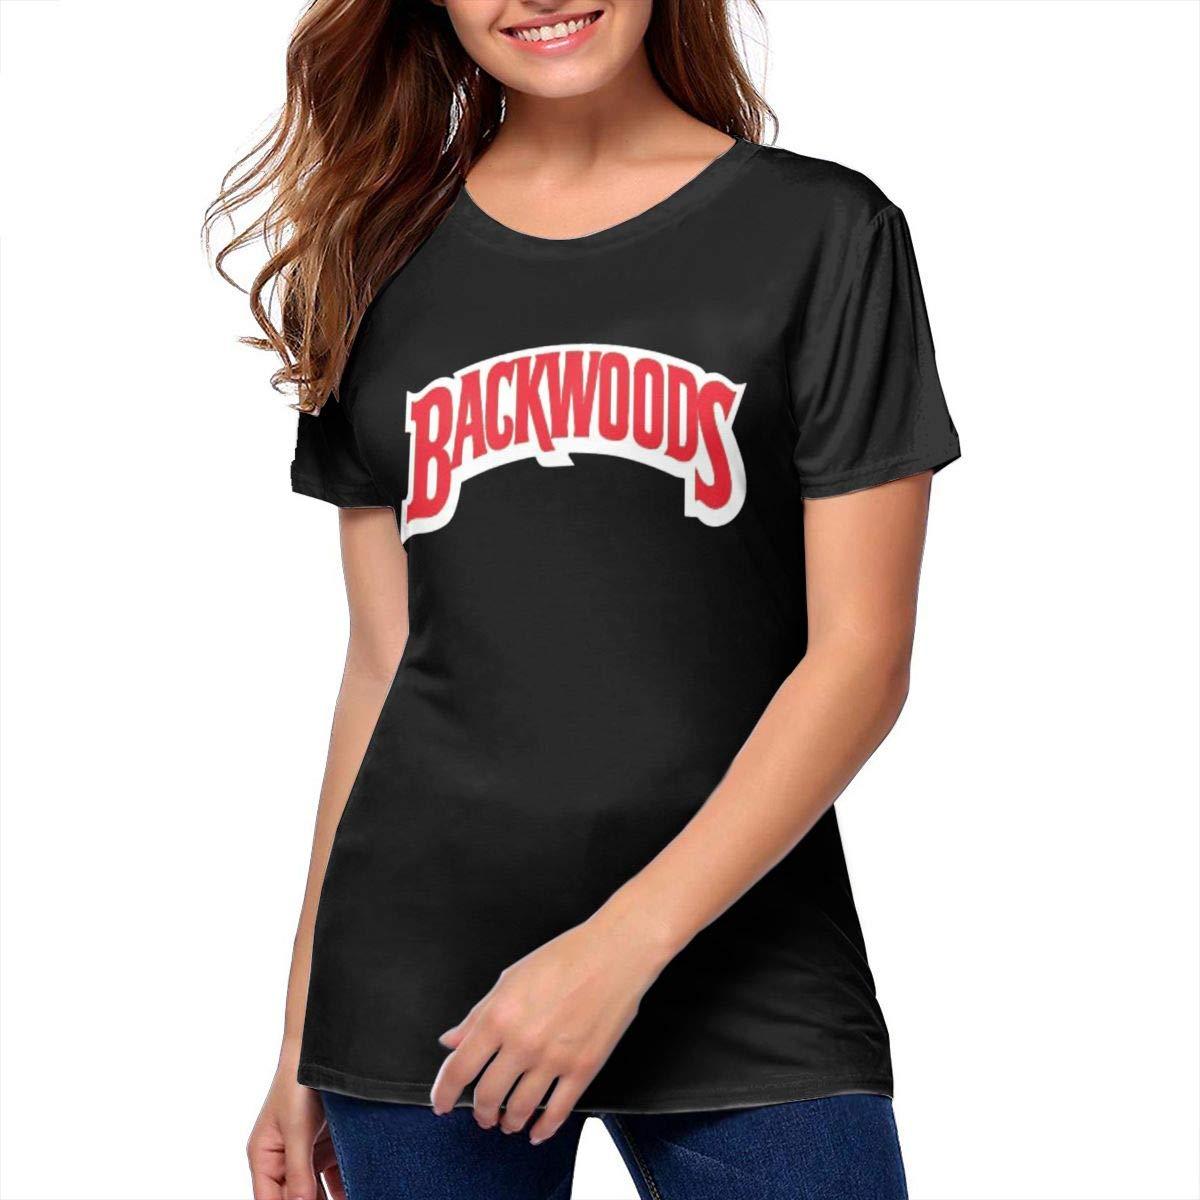 Backwoods Short T Shirts 4633